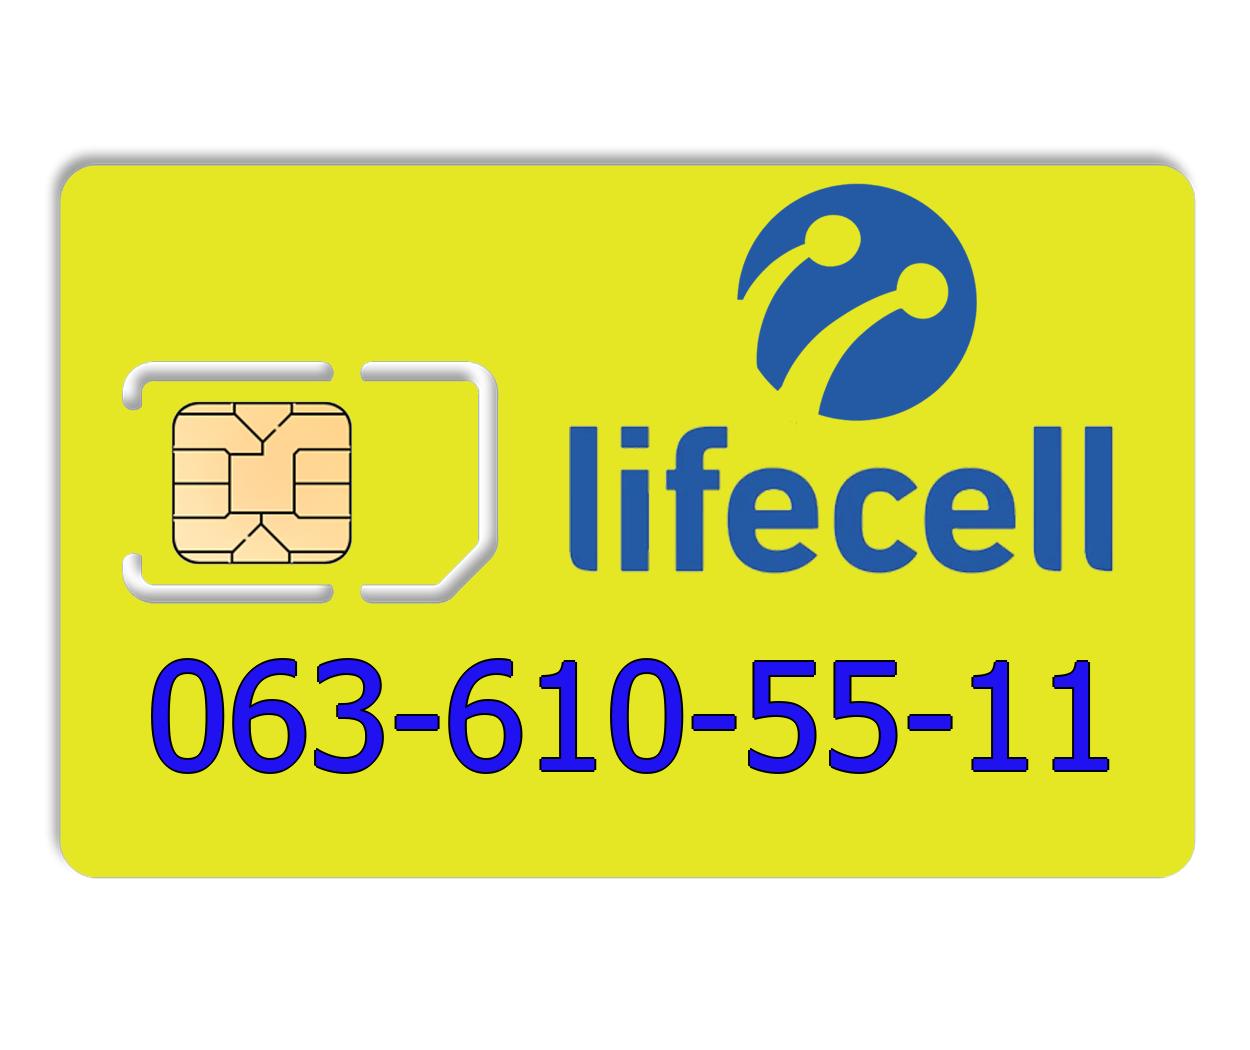 Красивый номер lifecell 063-610-55-11